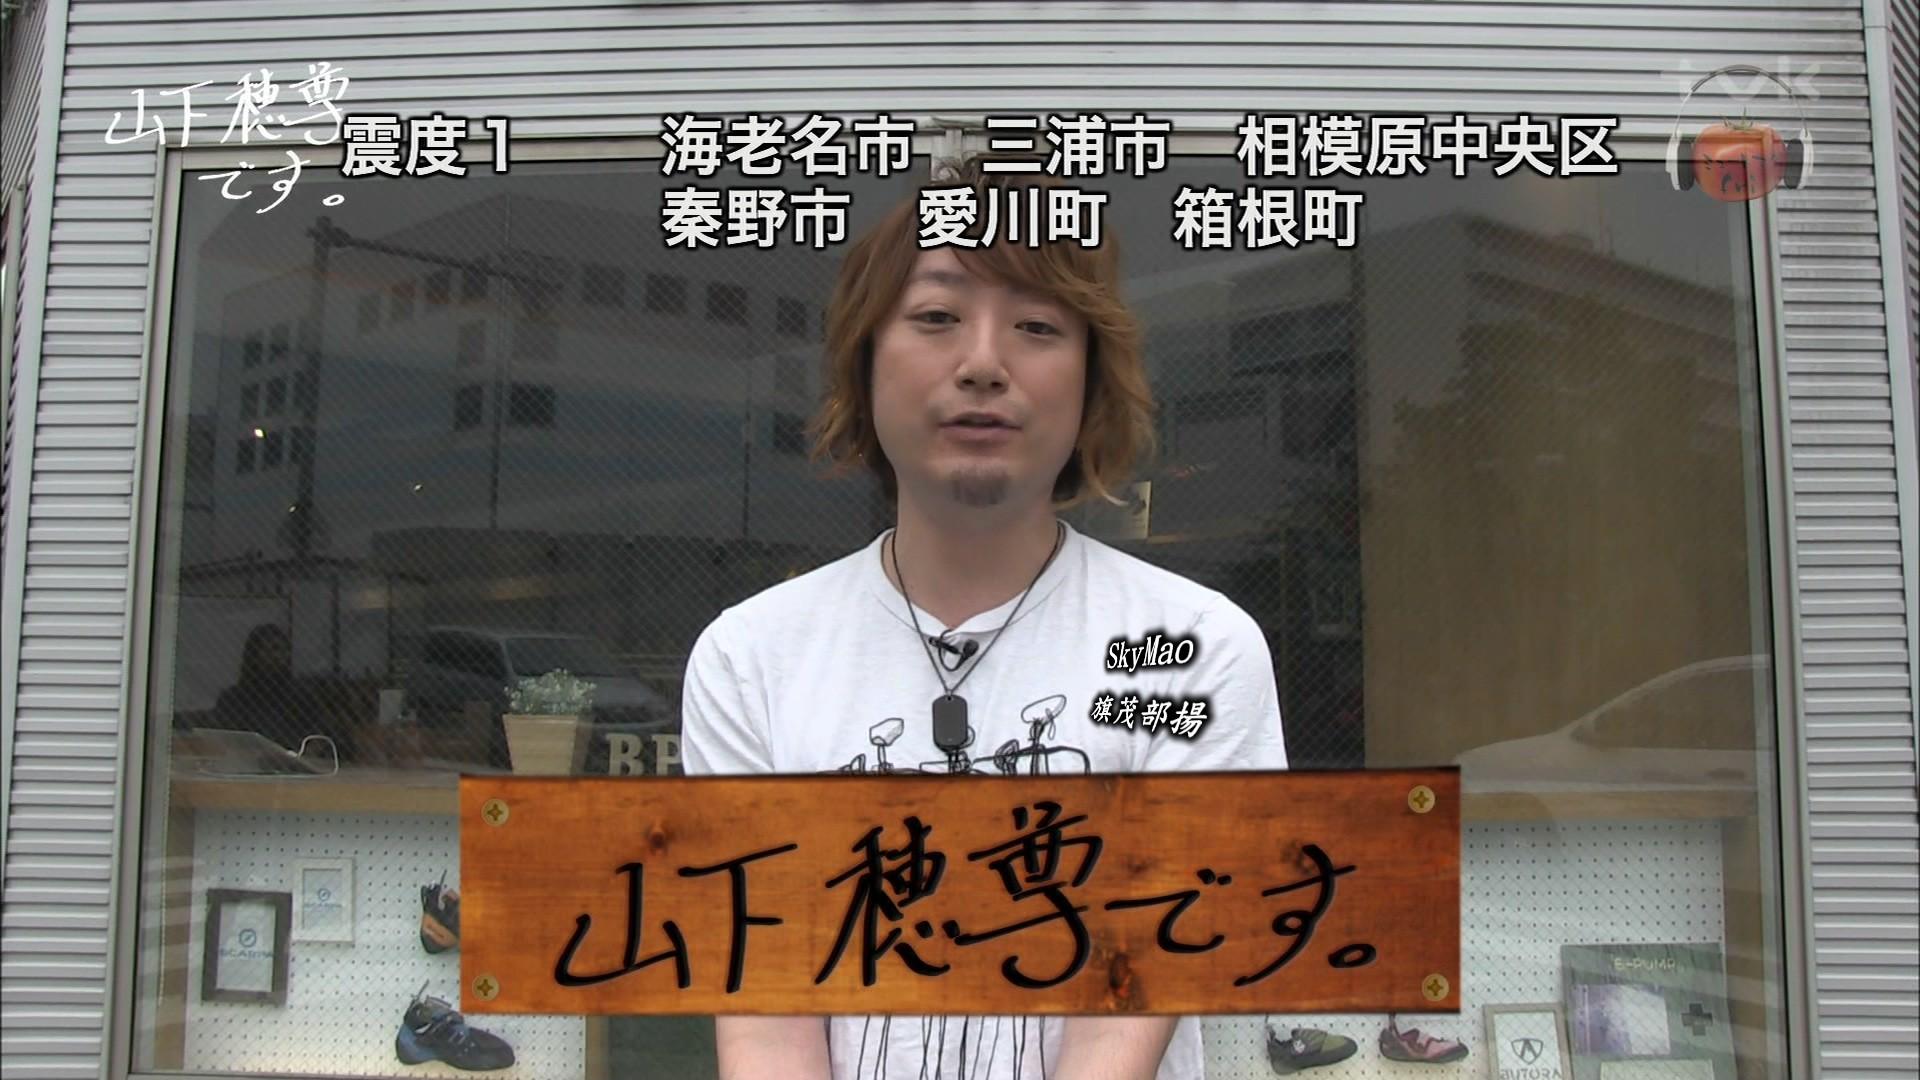 2017.10.06 全場(ミュートマ2).ts_20171007_020833.291